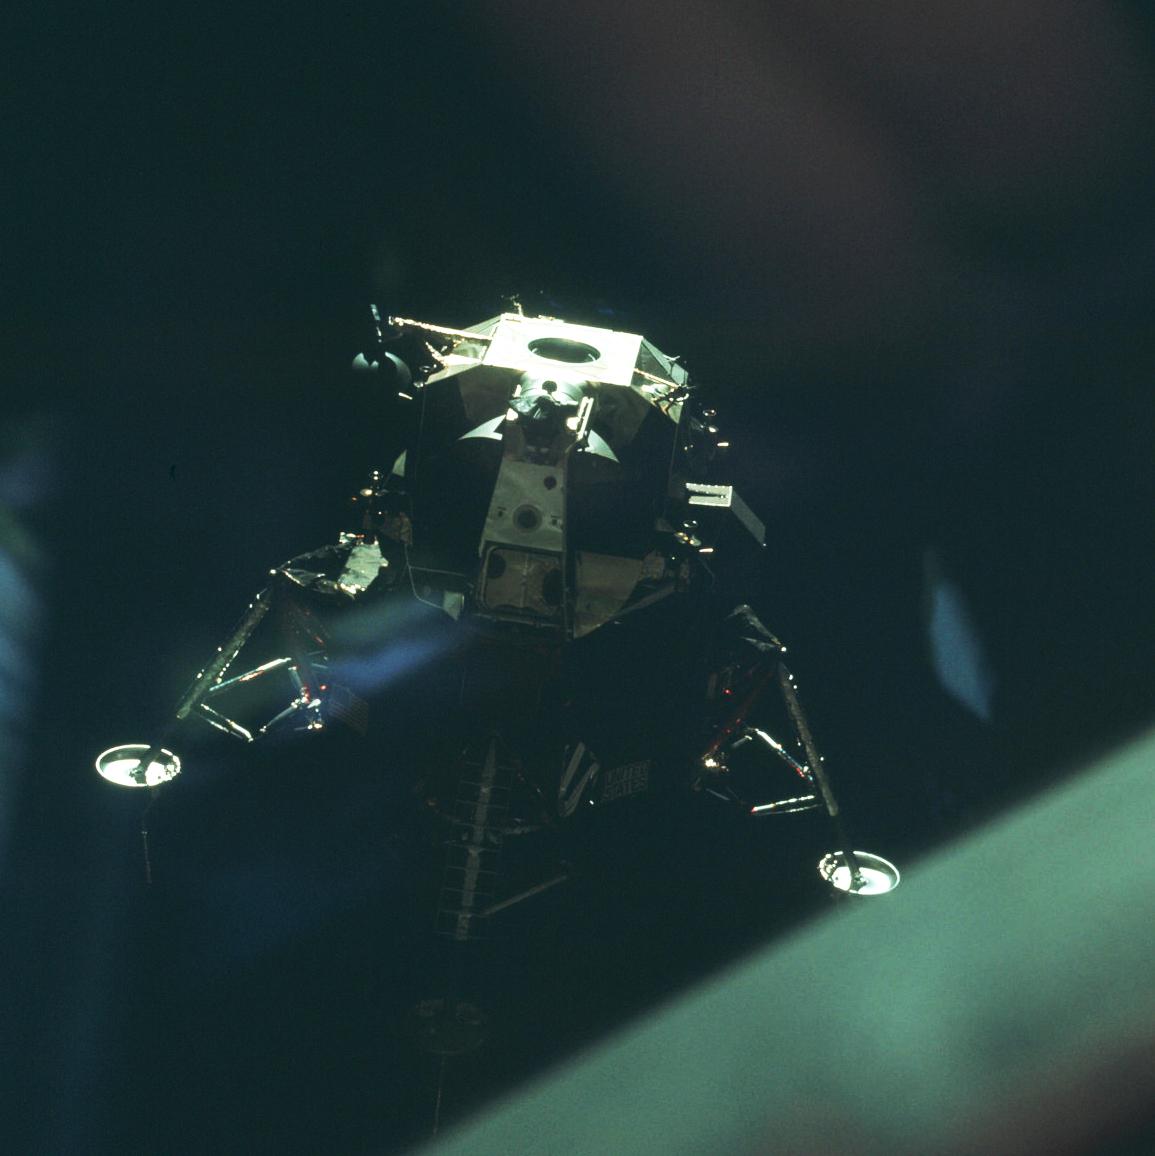 lunar module in space - photo #40